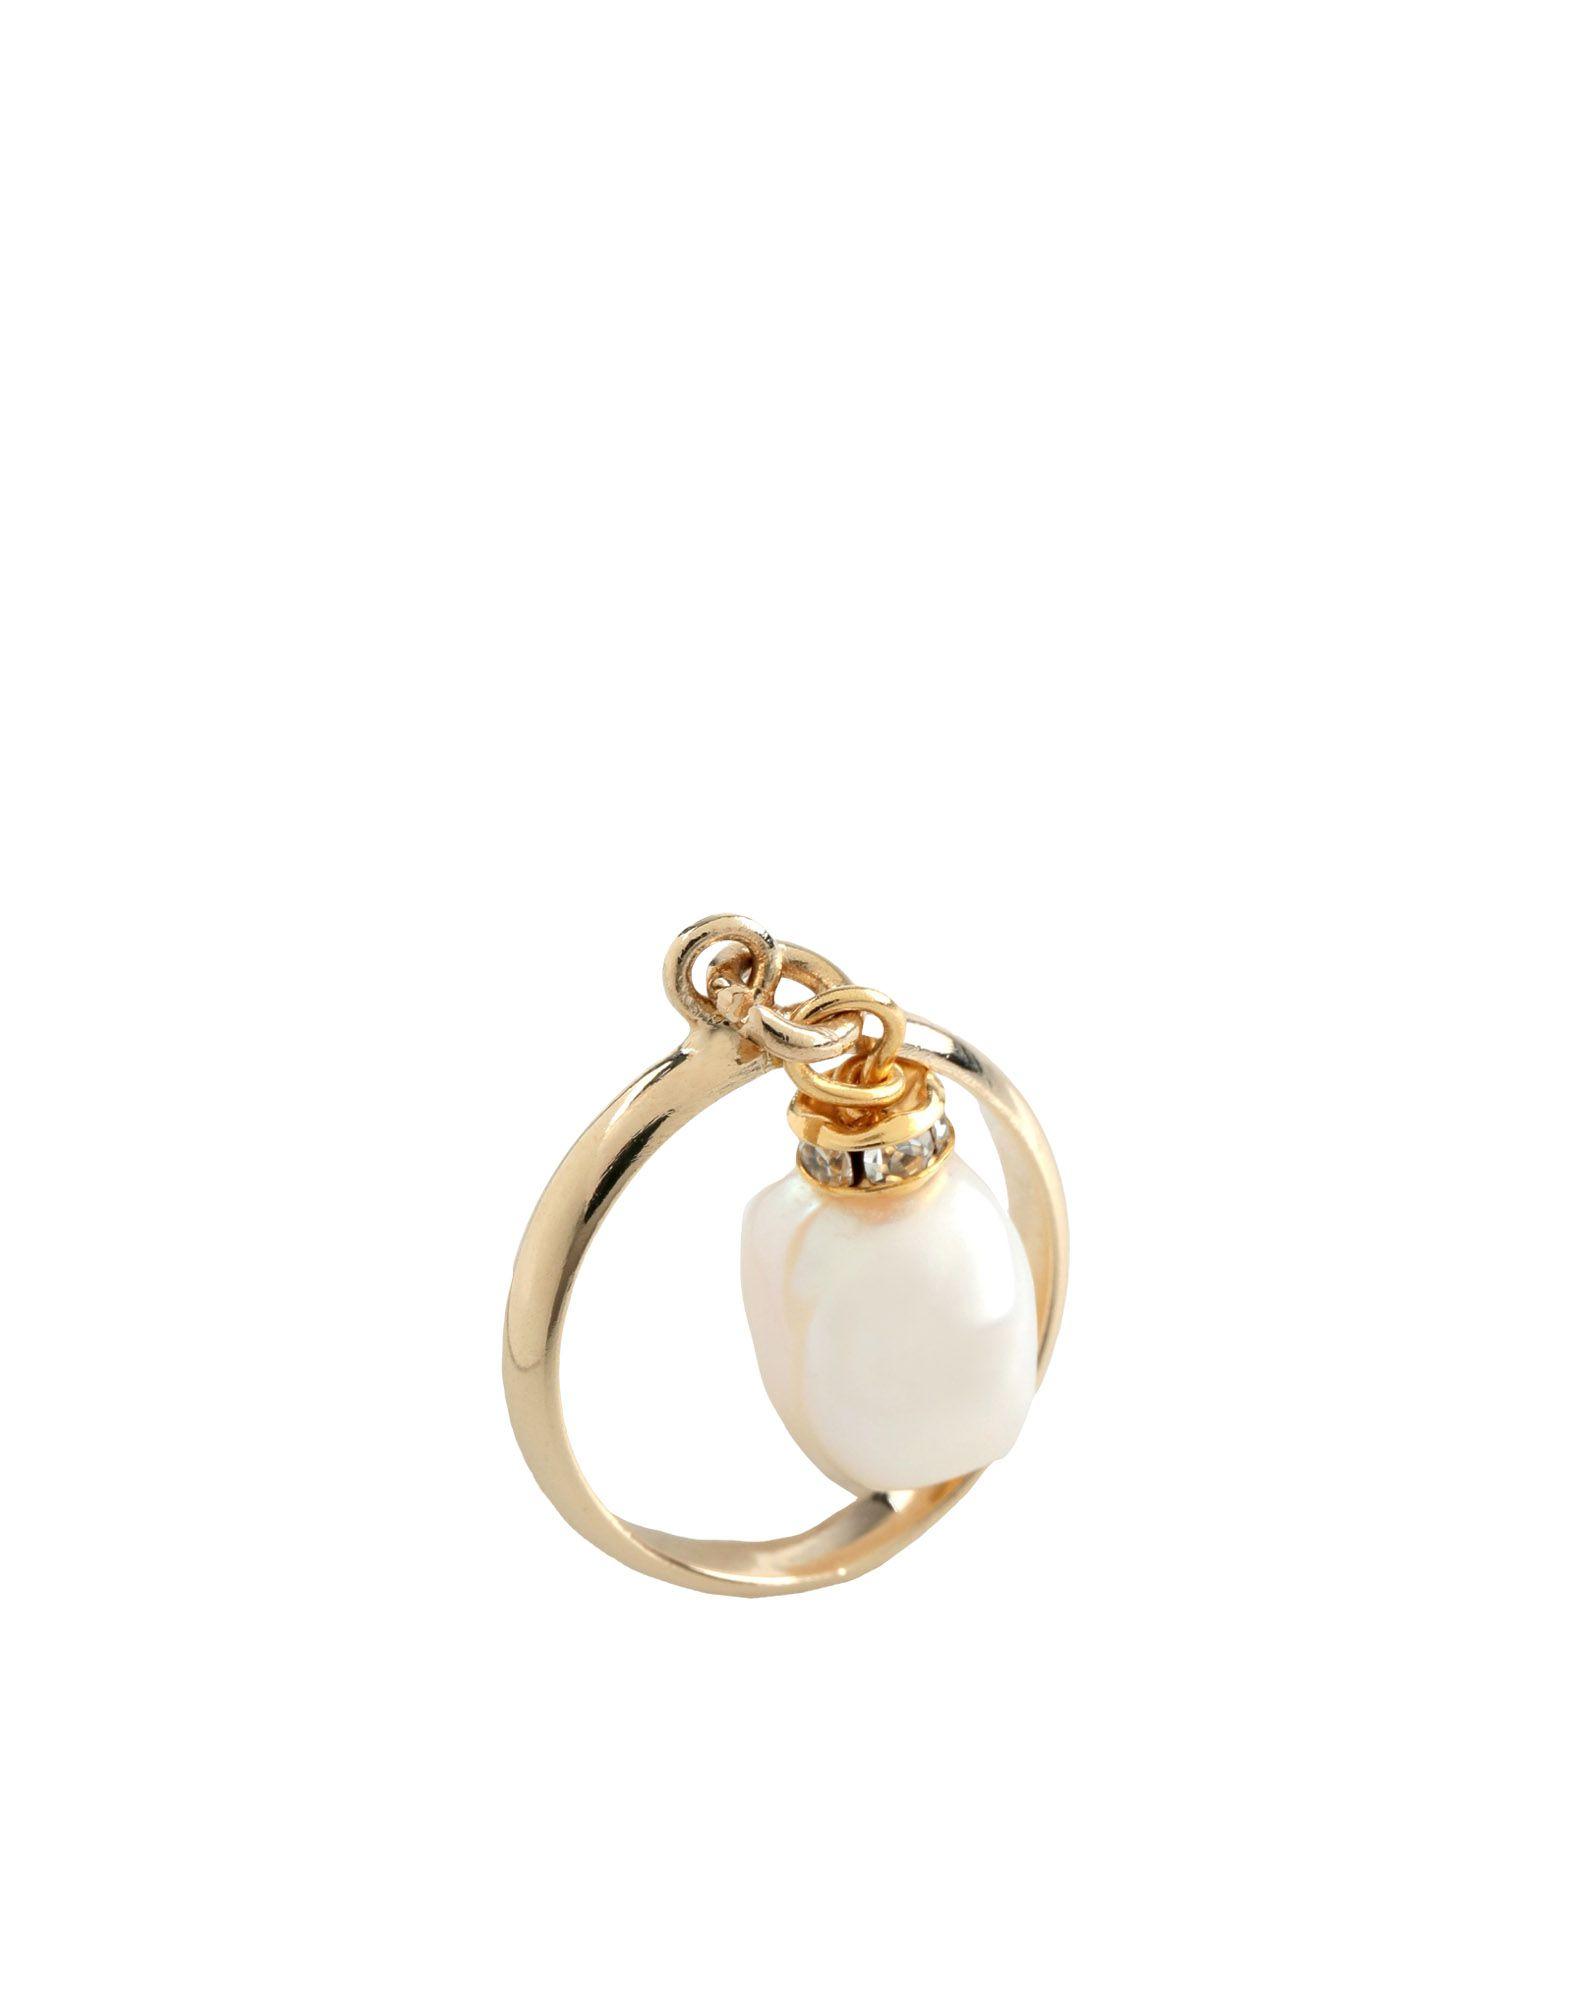 《セール開催中》FAUSTO PUGLISI レディース 指輪 ホワイト 16 金属